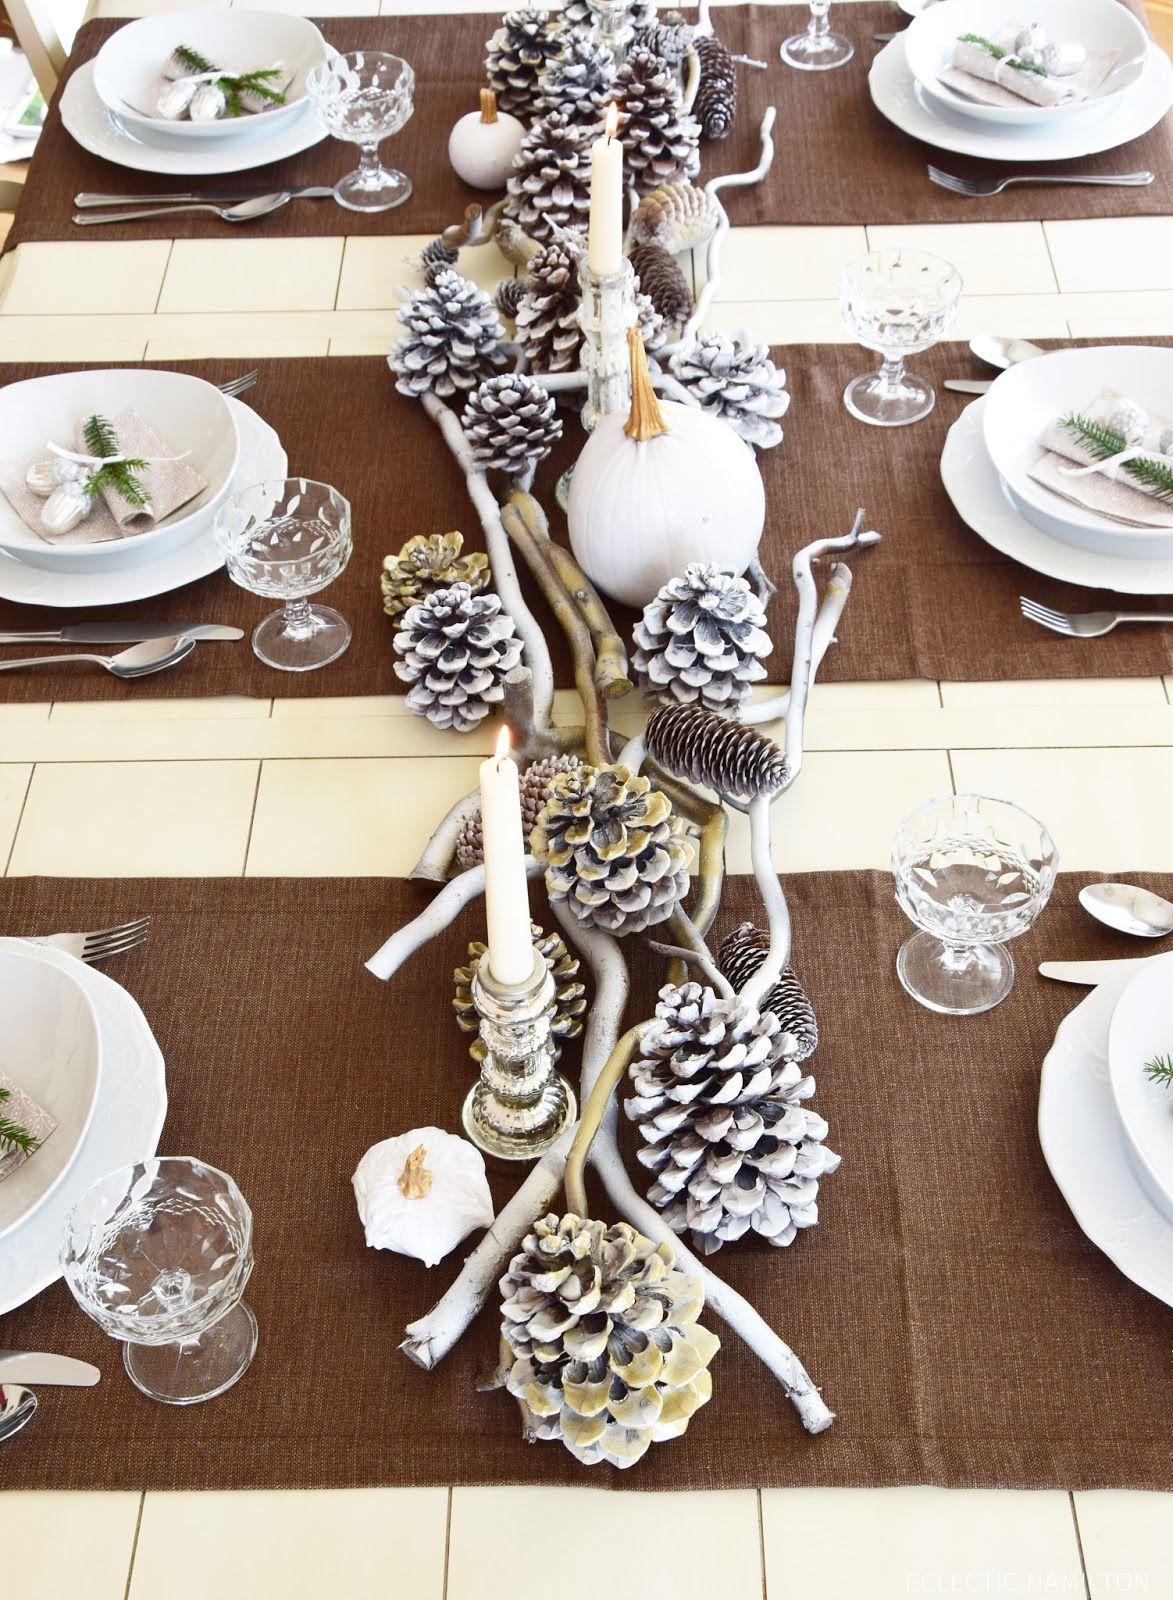 Winterlich festliche tischdeko mit naturmaterialien for Tischdekoration weihnachten dekoration